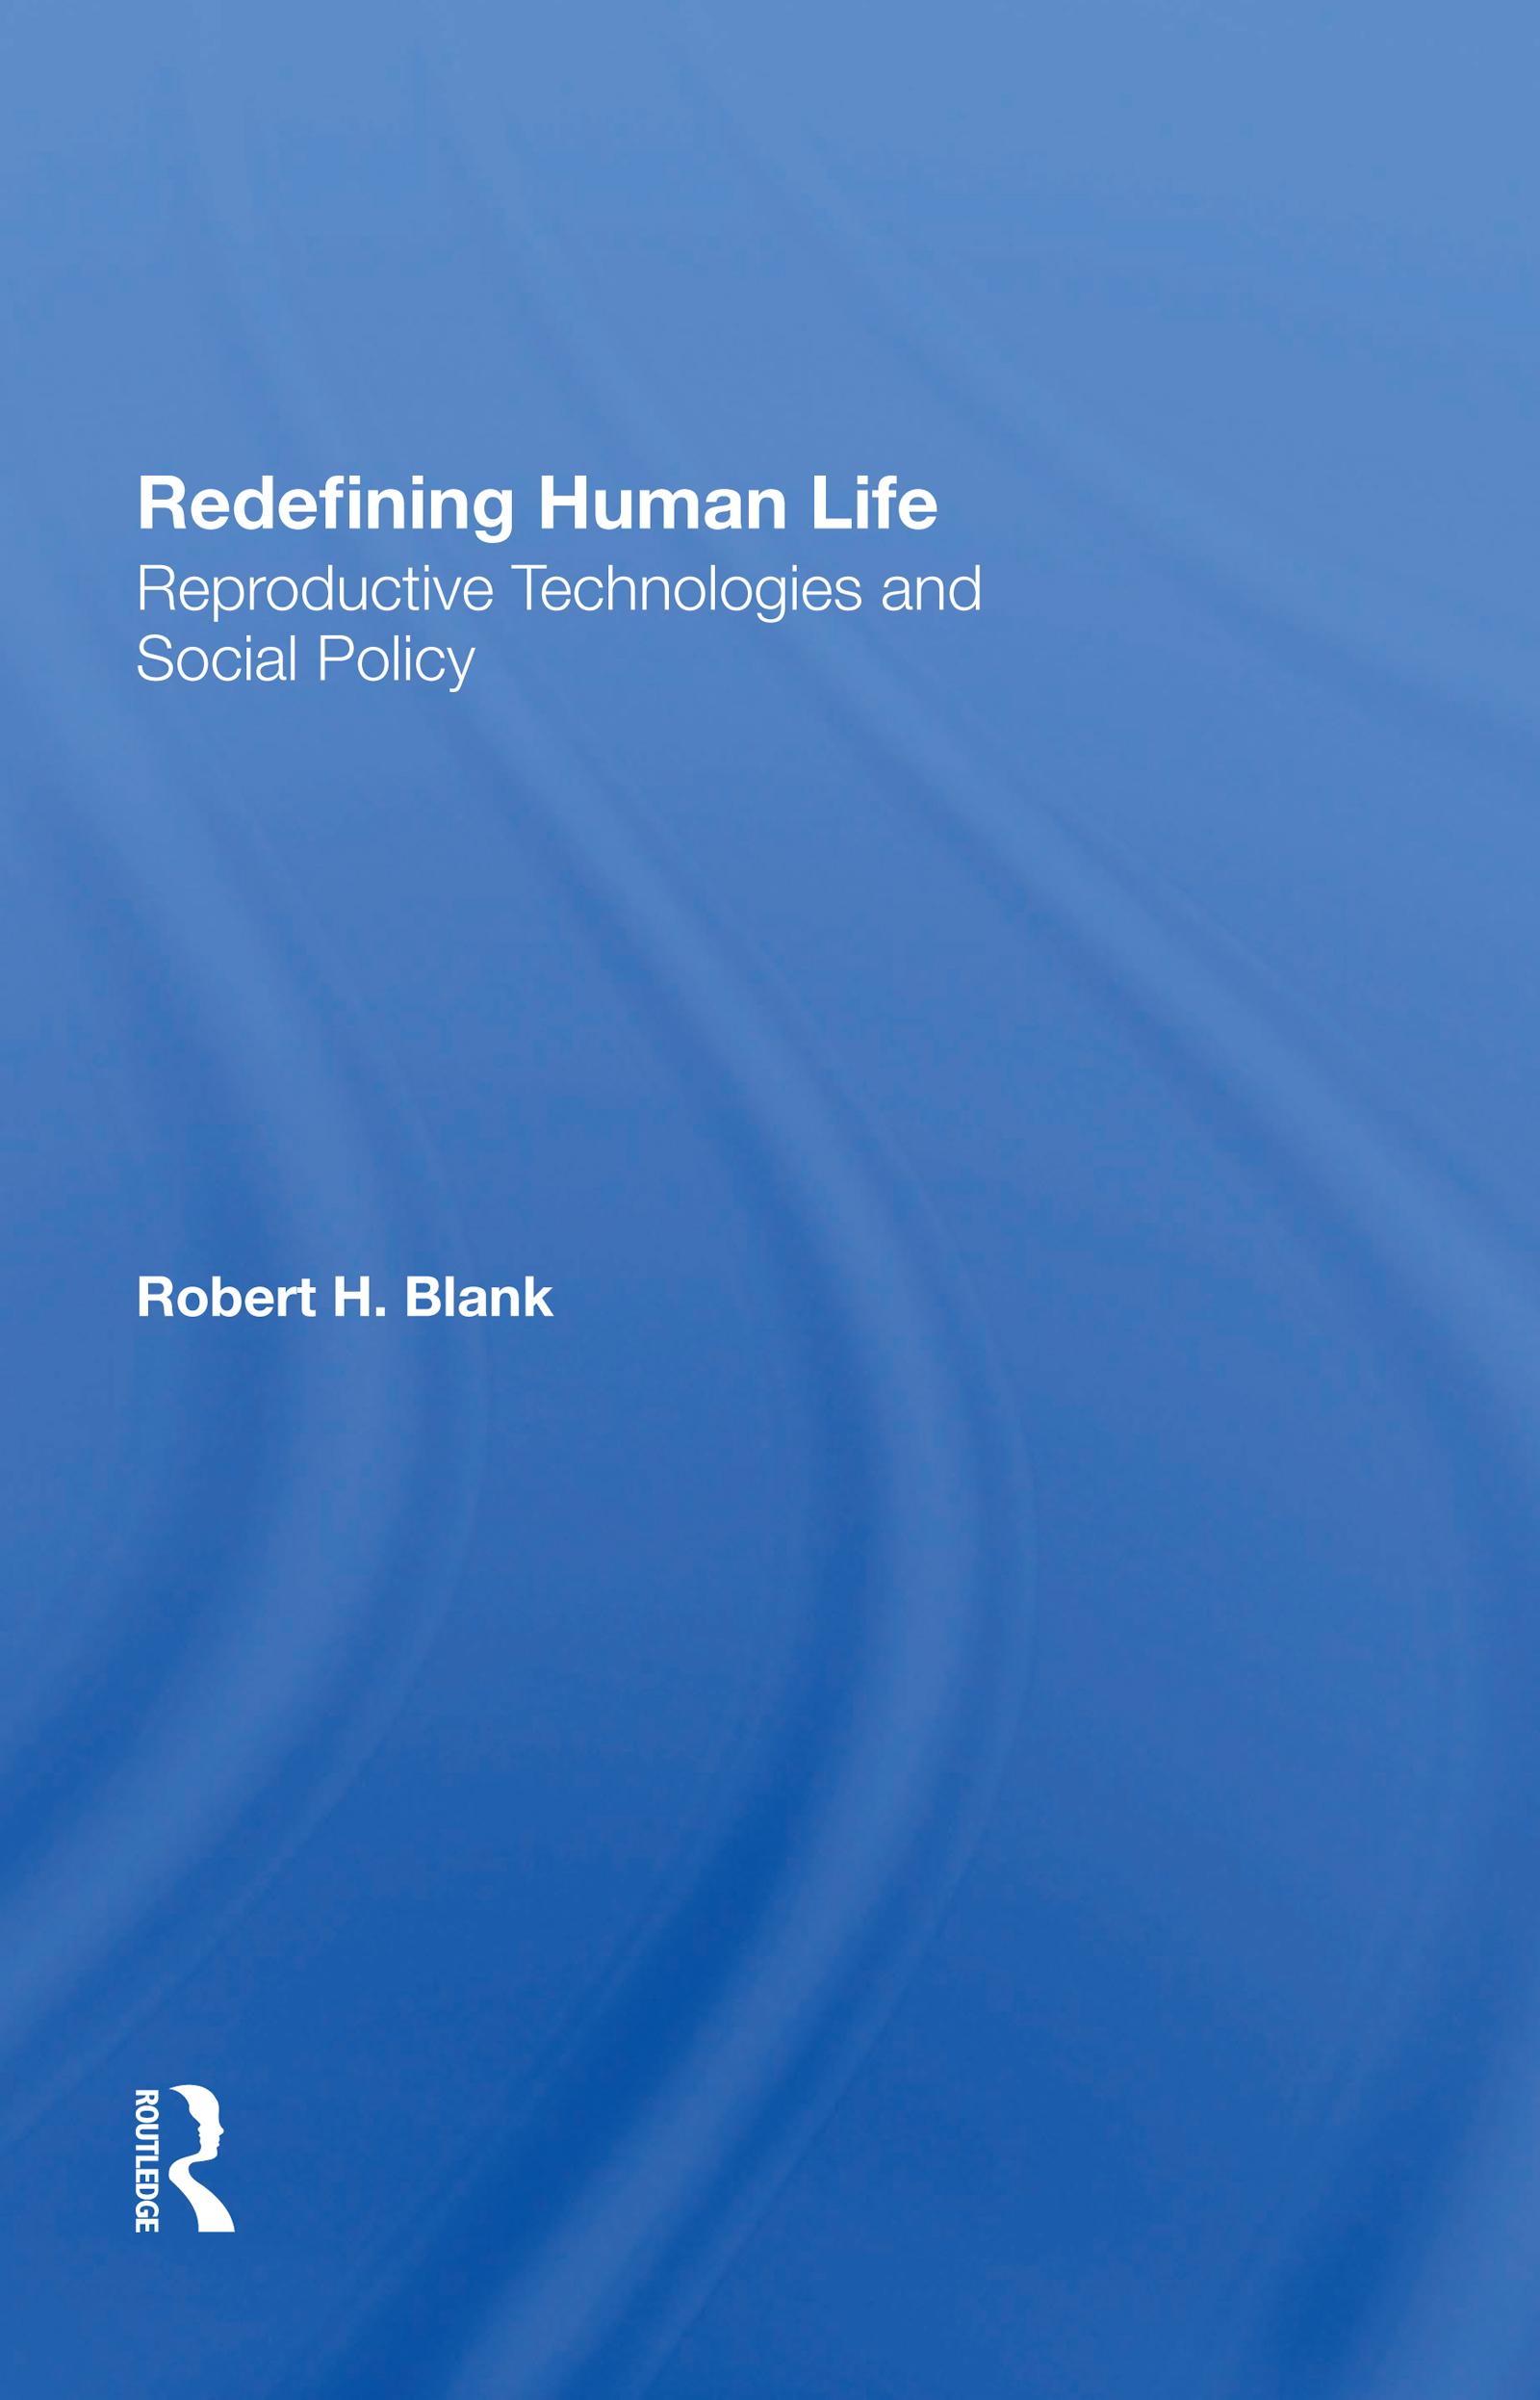 Redefining Human Life